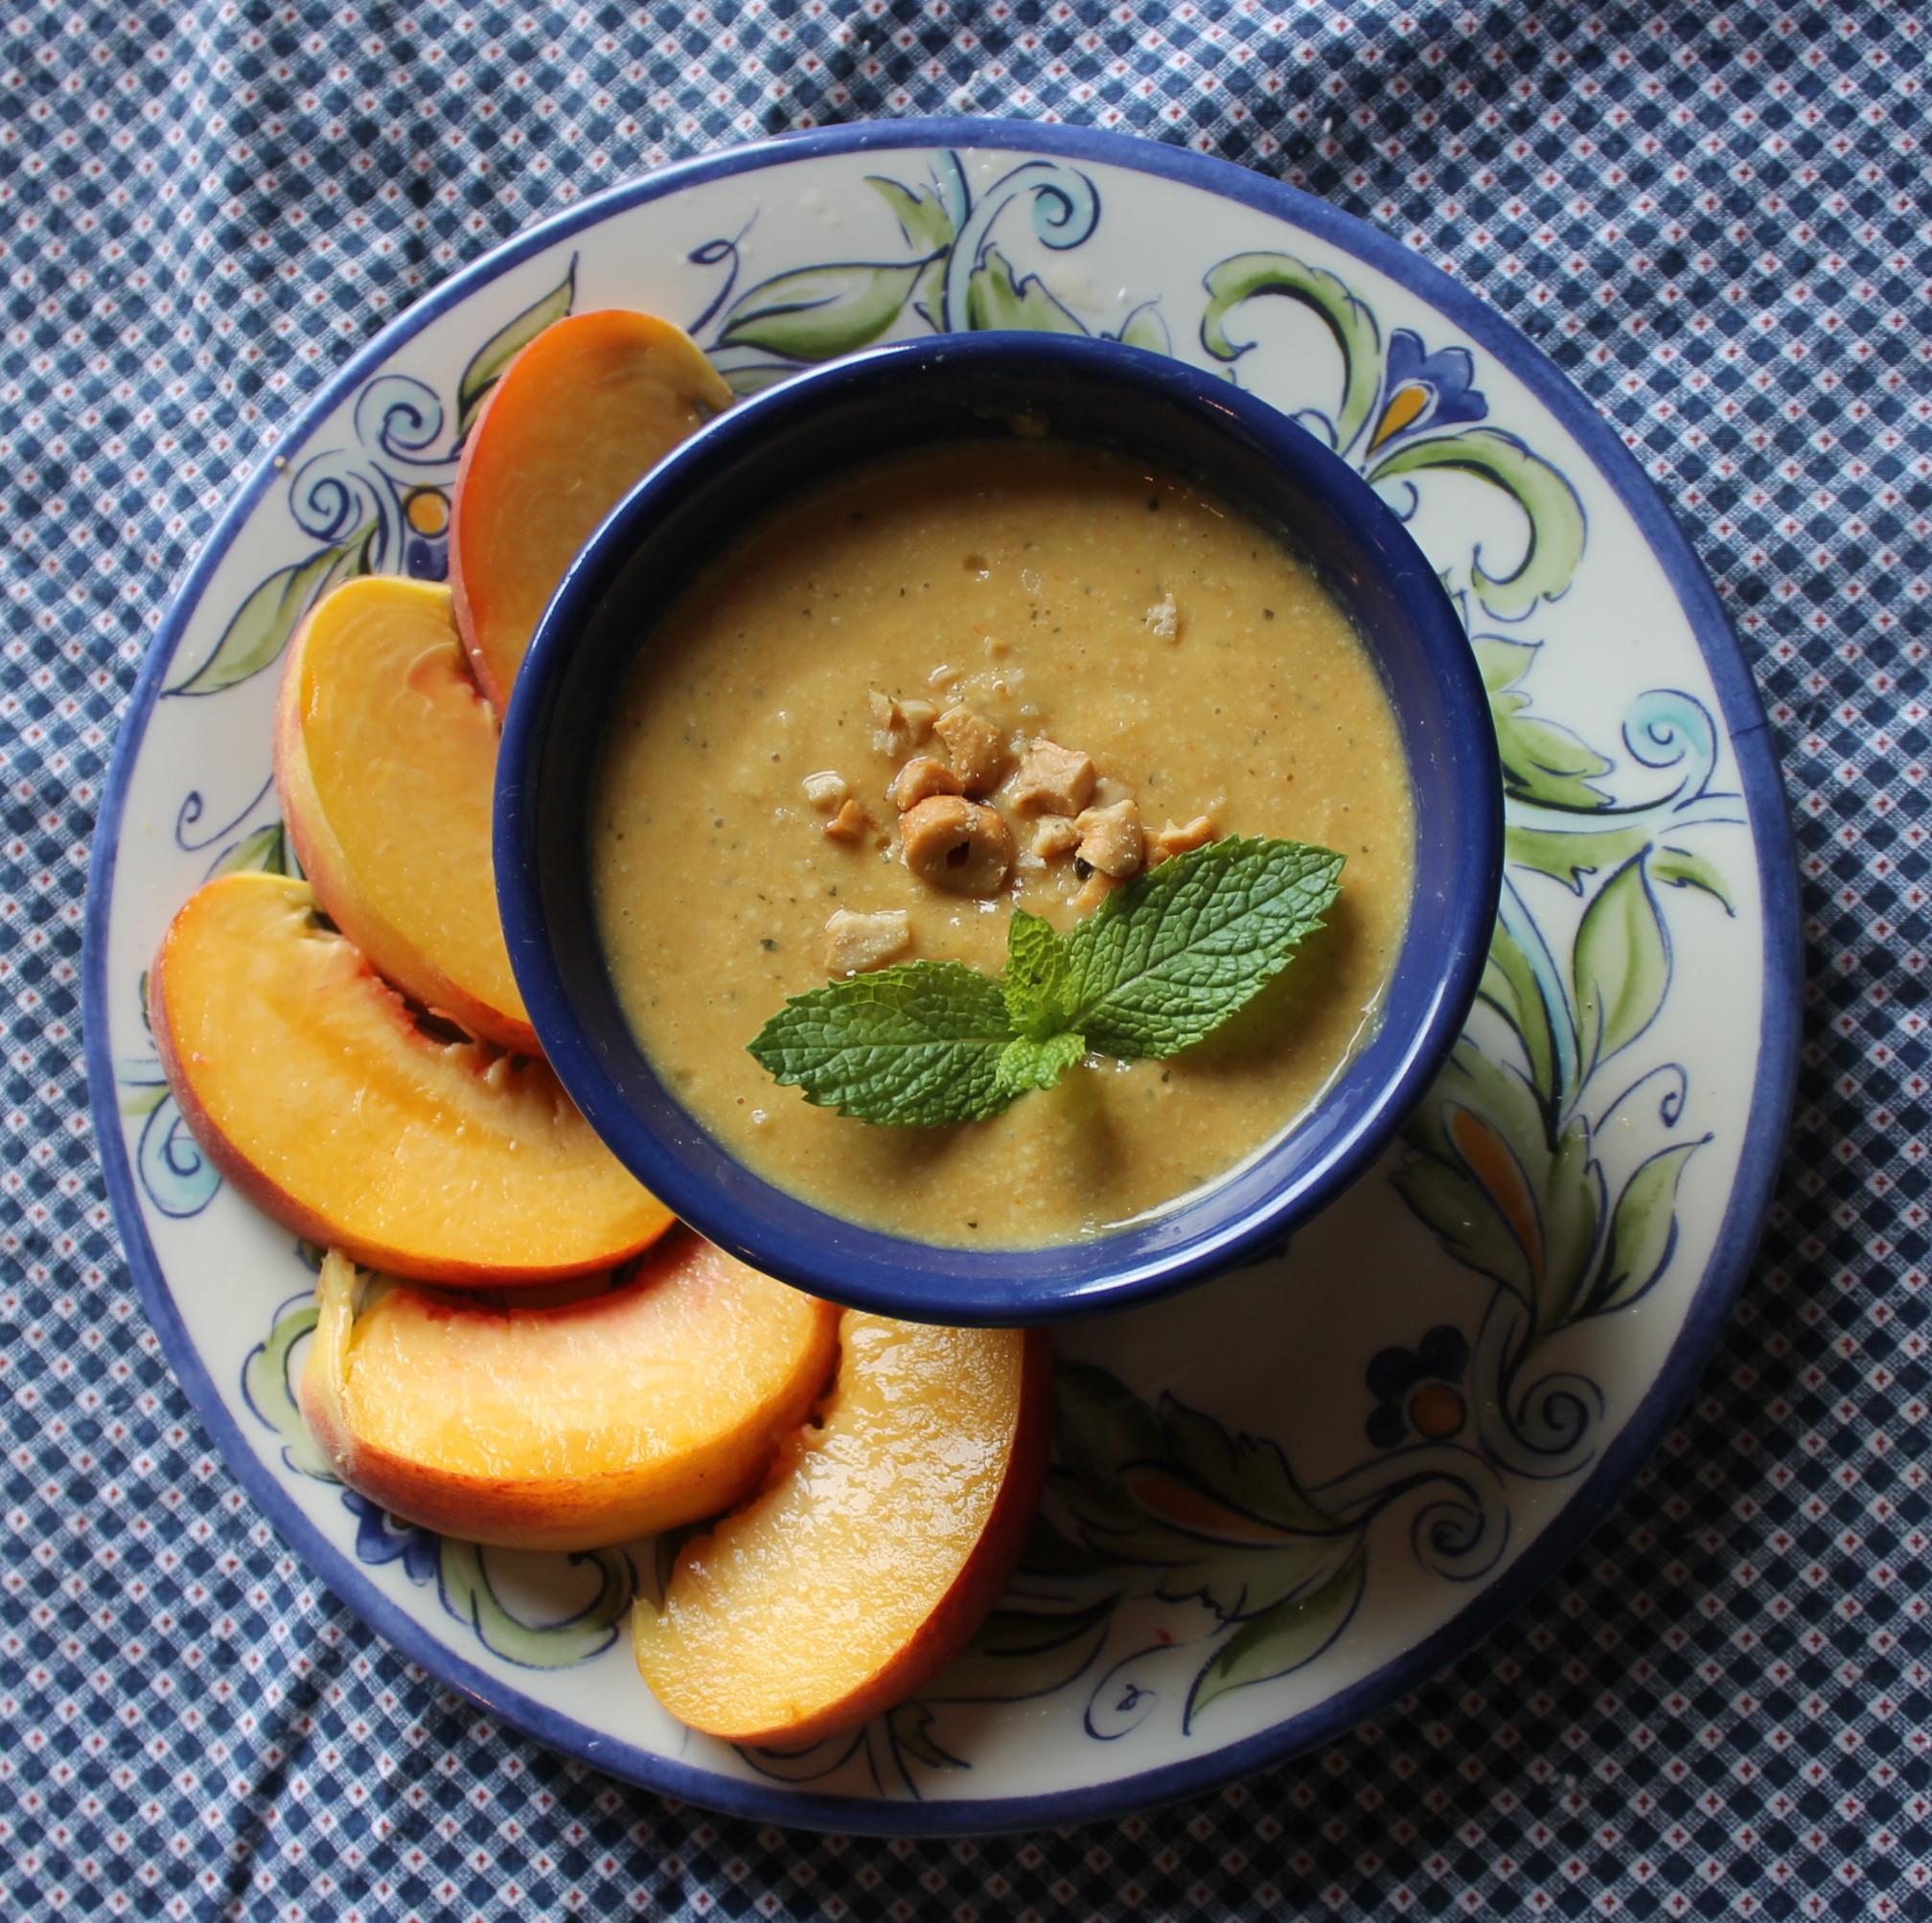 Brandon Hertzler's Cold Soup Recipes